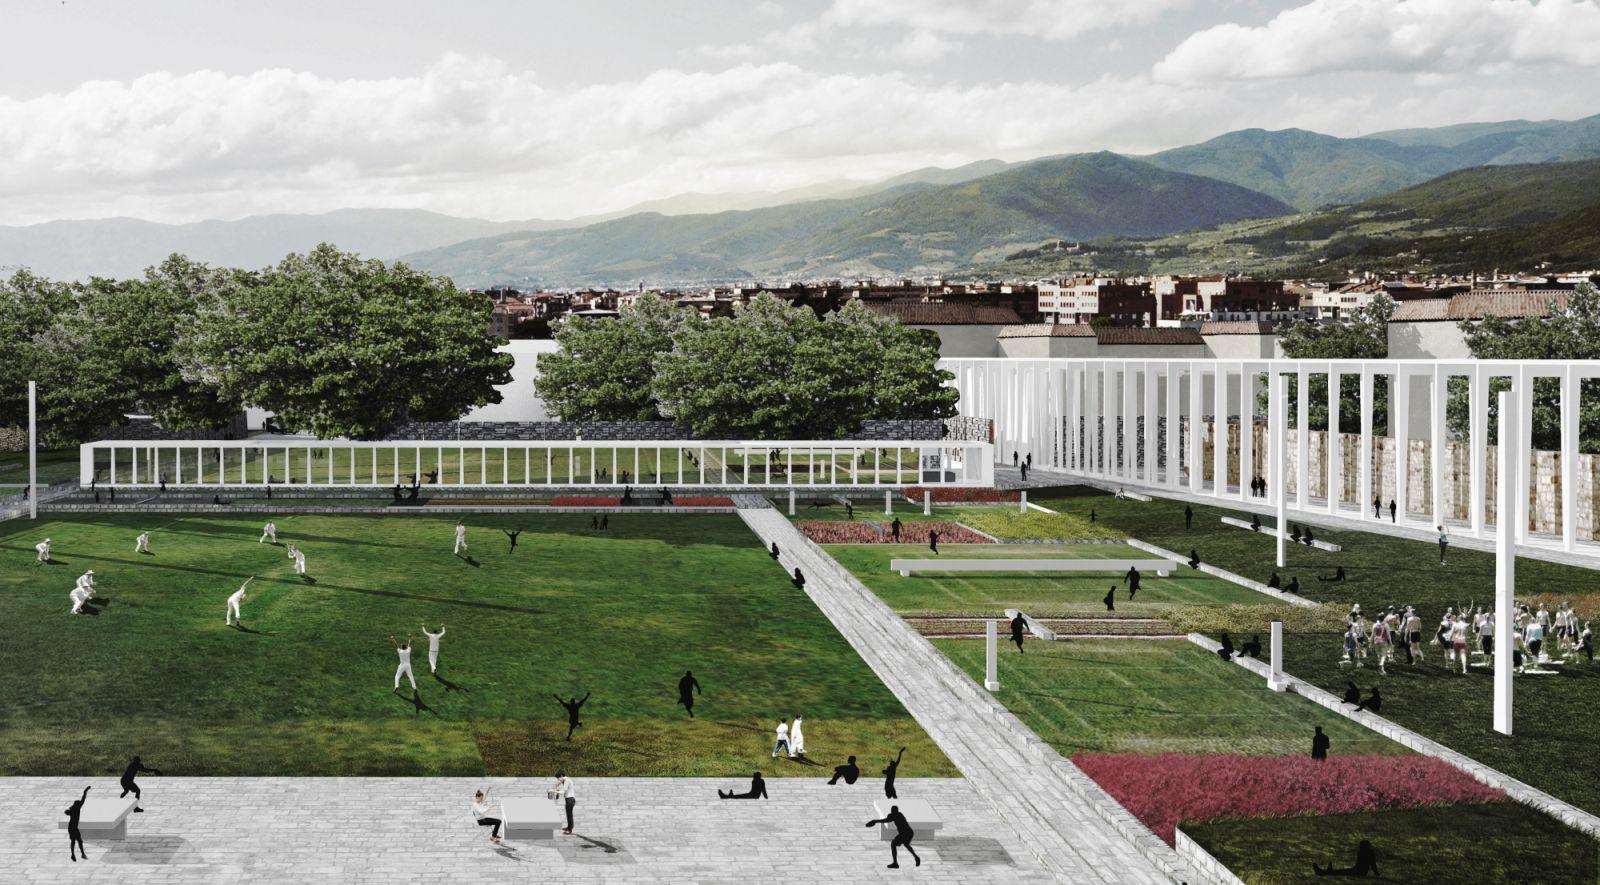 Parco centrale di Prato